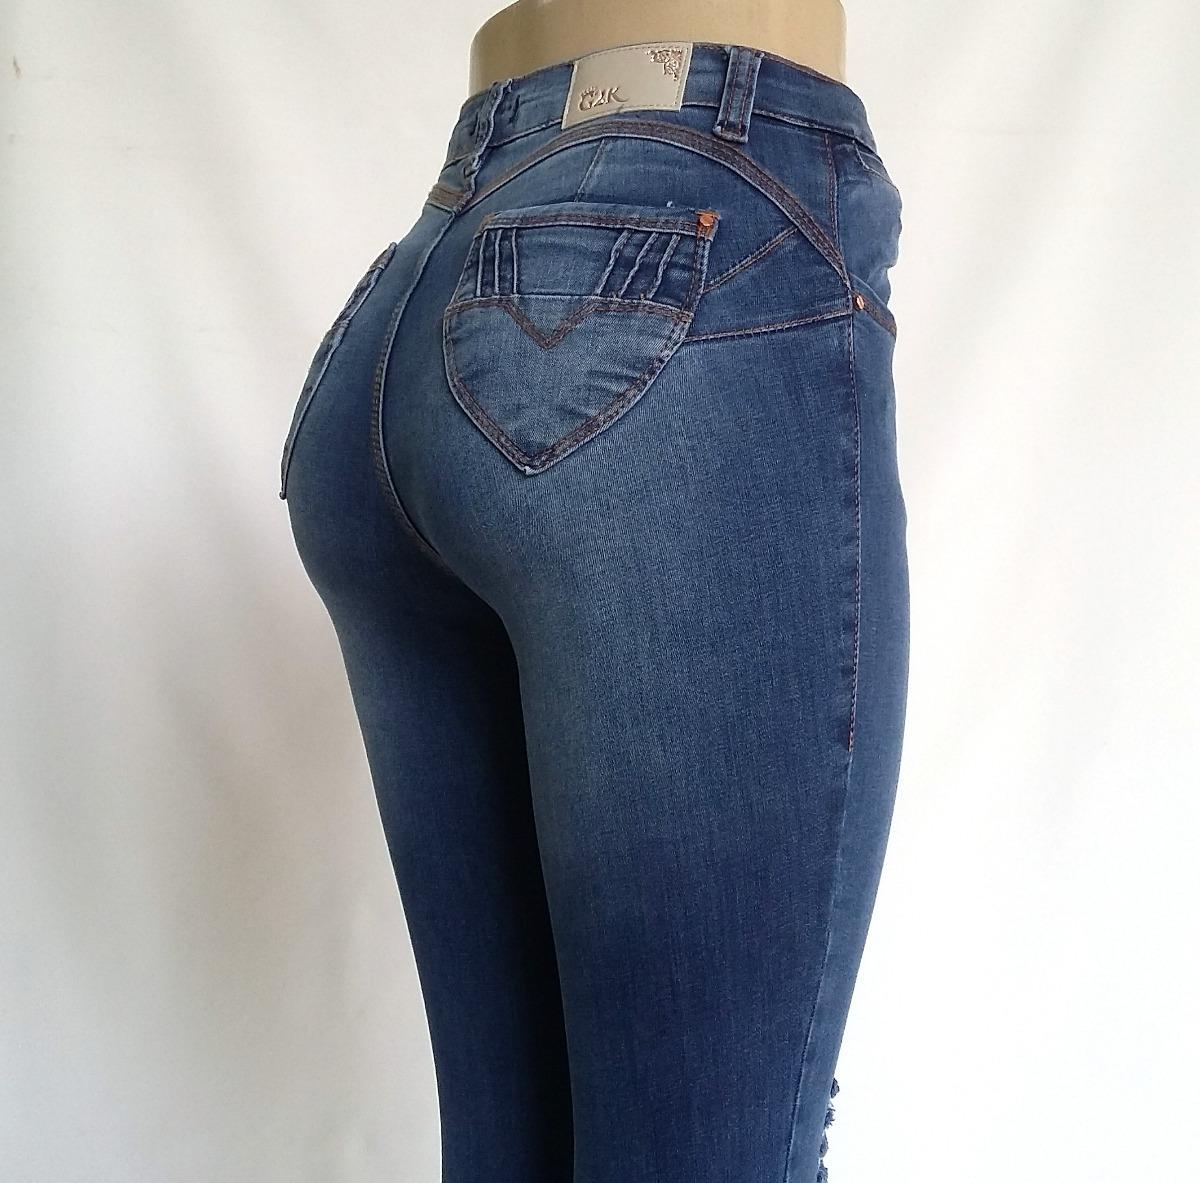 7e8f4140c calça jeans feminina cintura alta rasgada modela 1325. Carregando zoom.